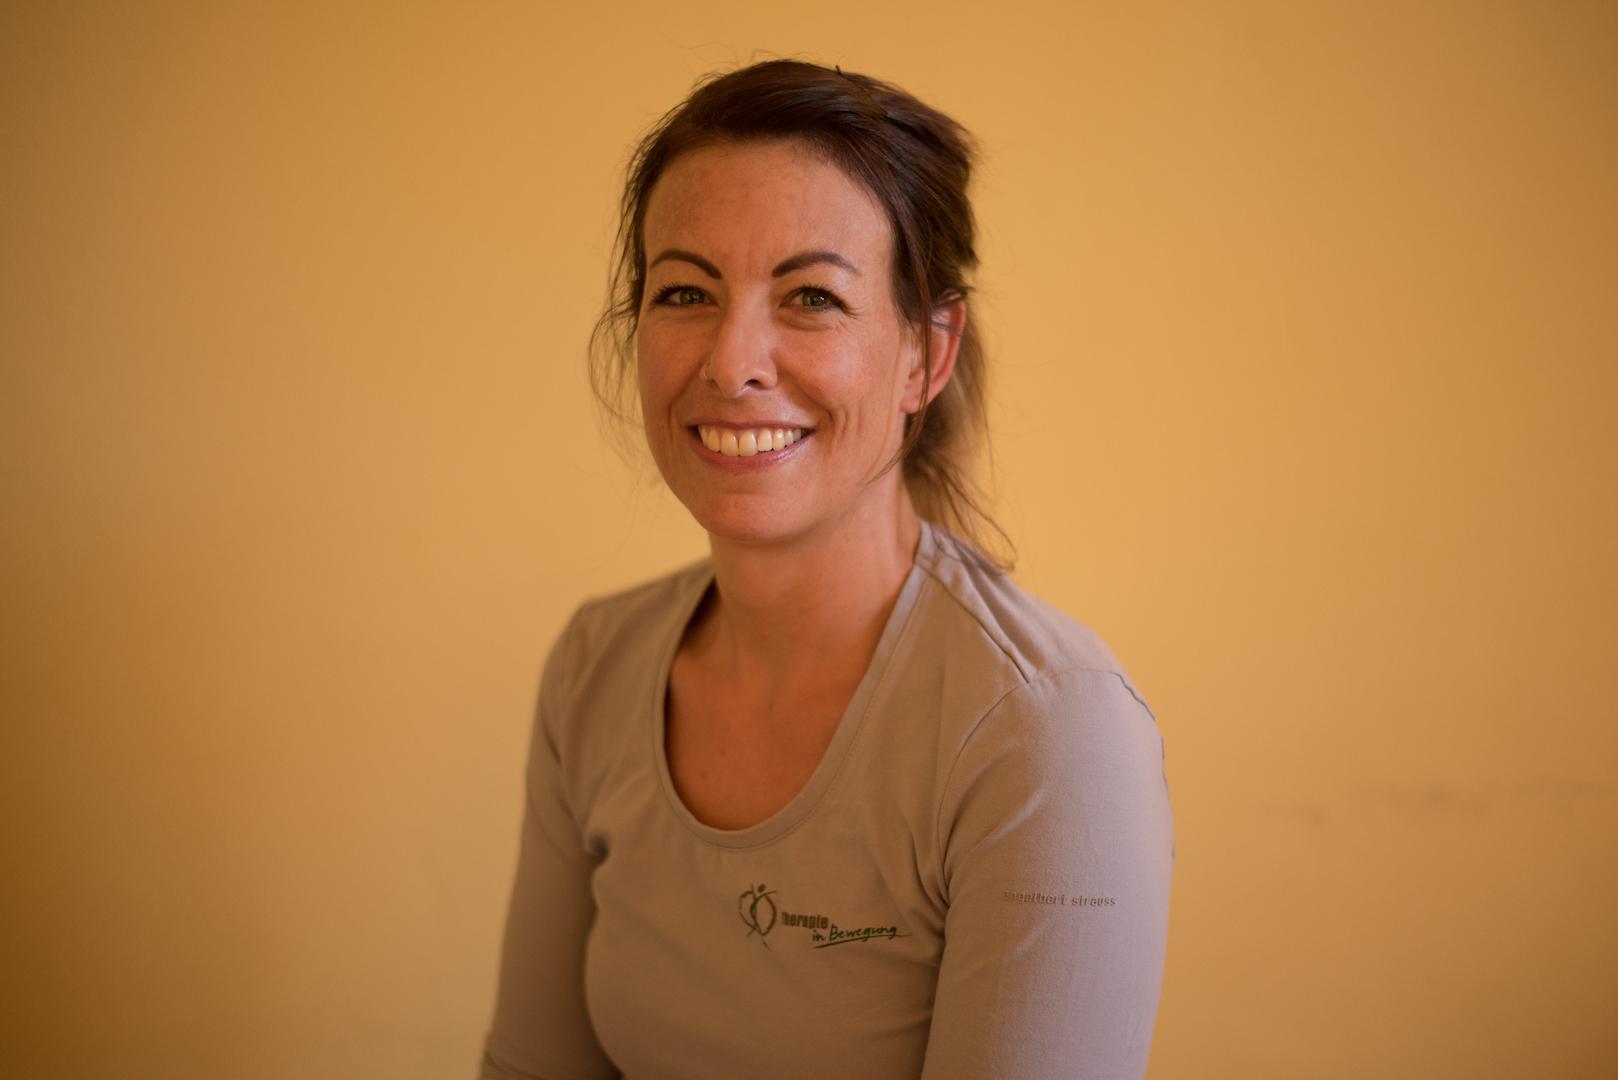 Carolin Bachmann-Pförtner